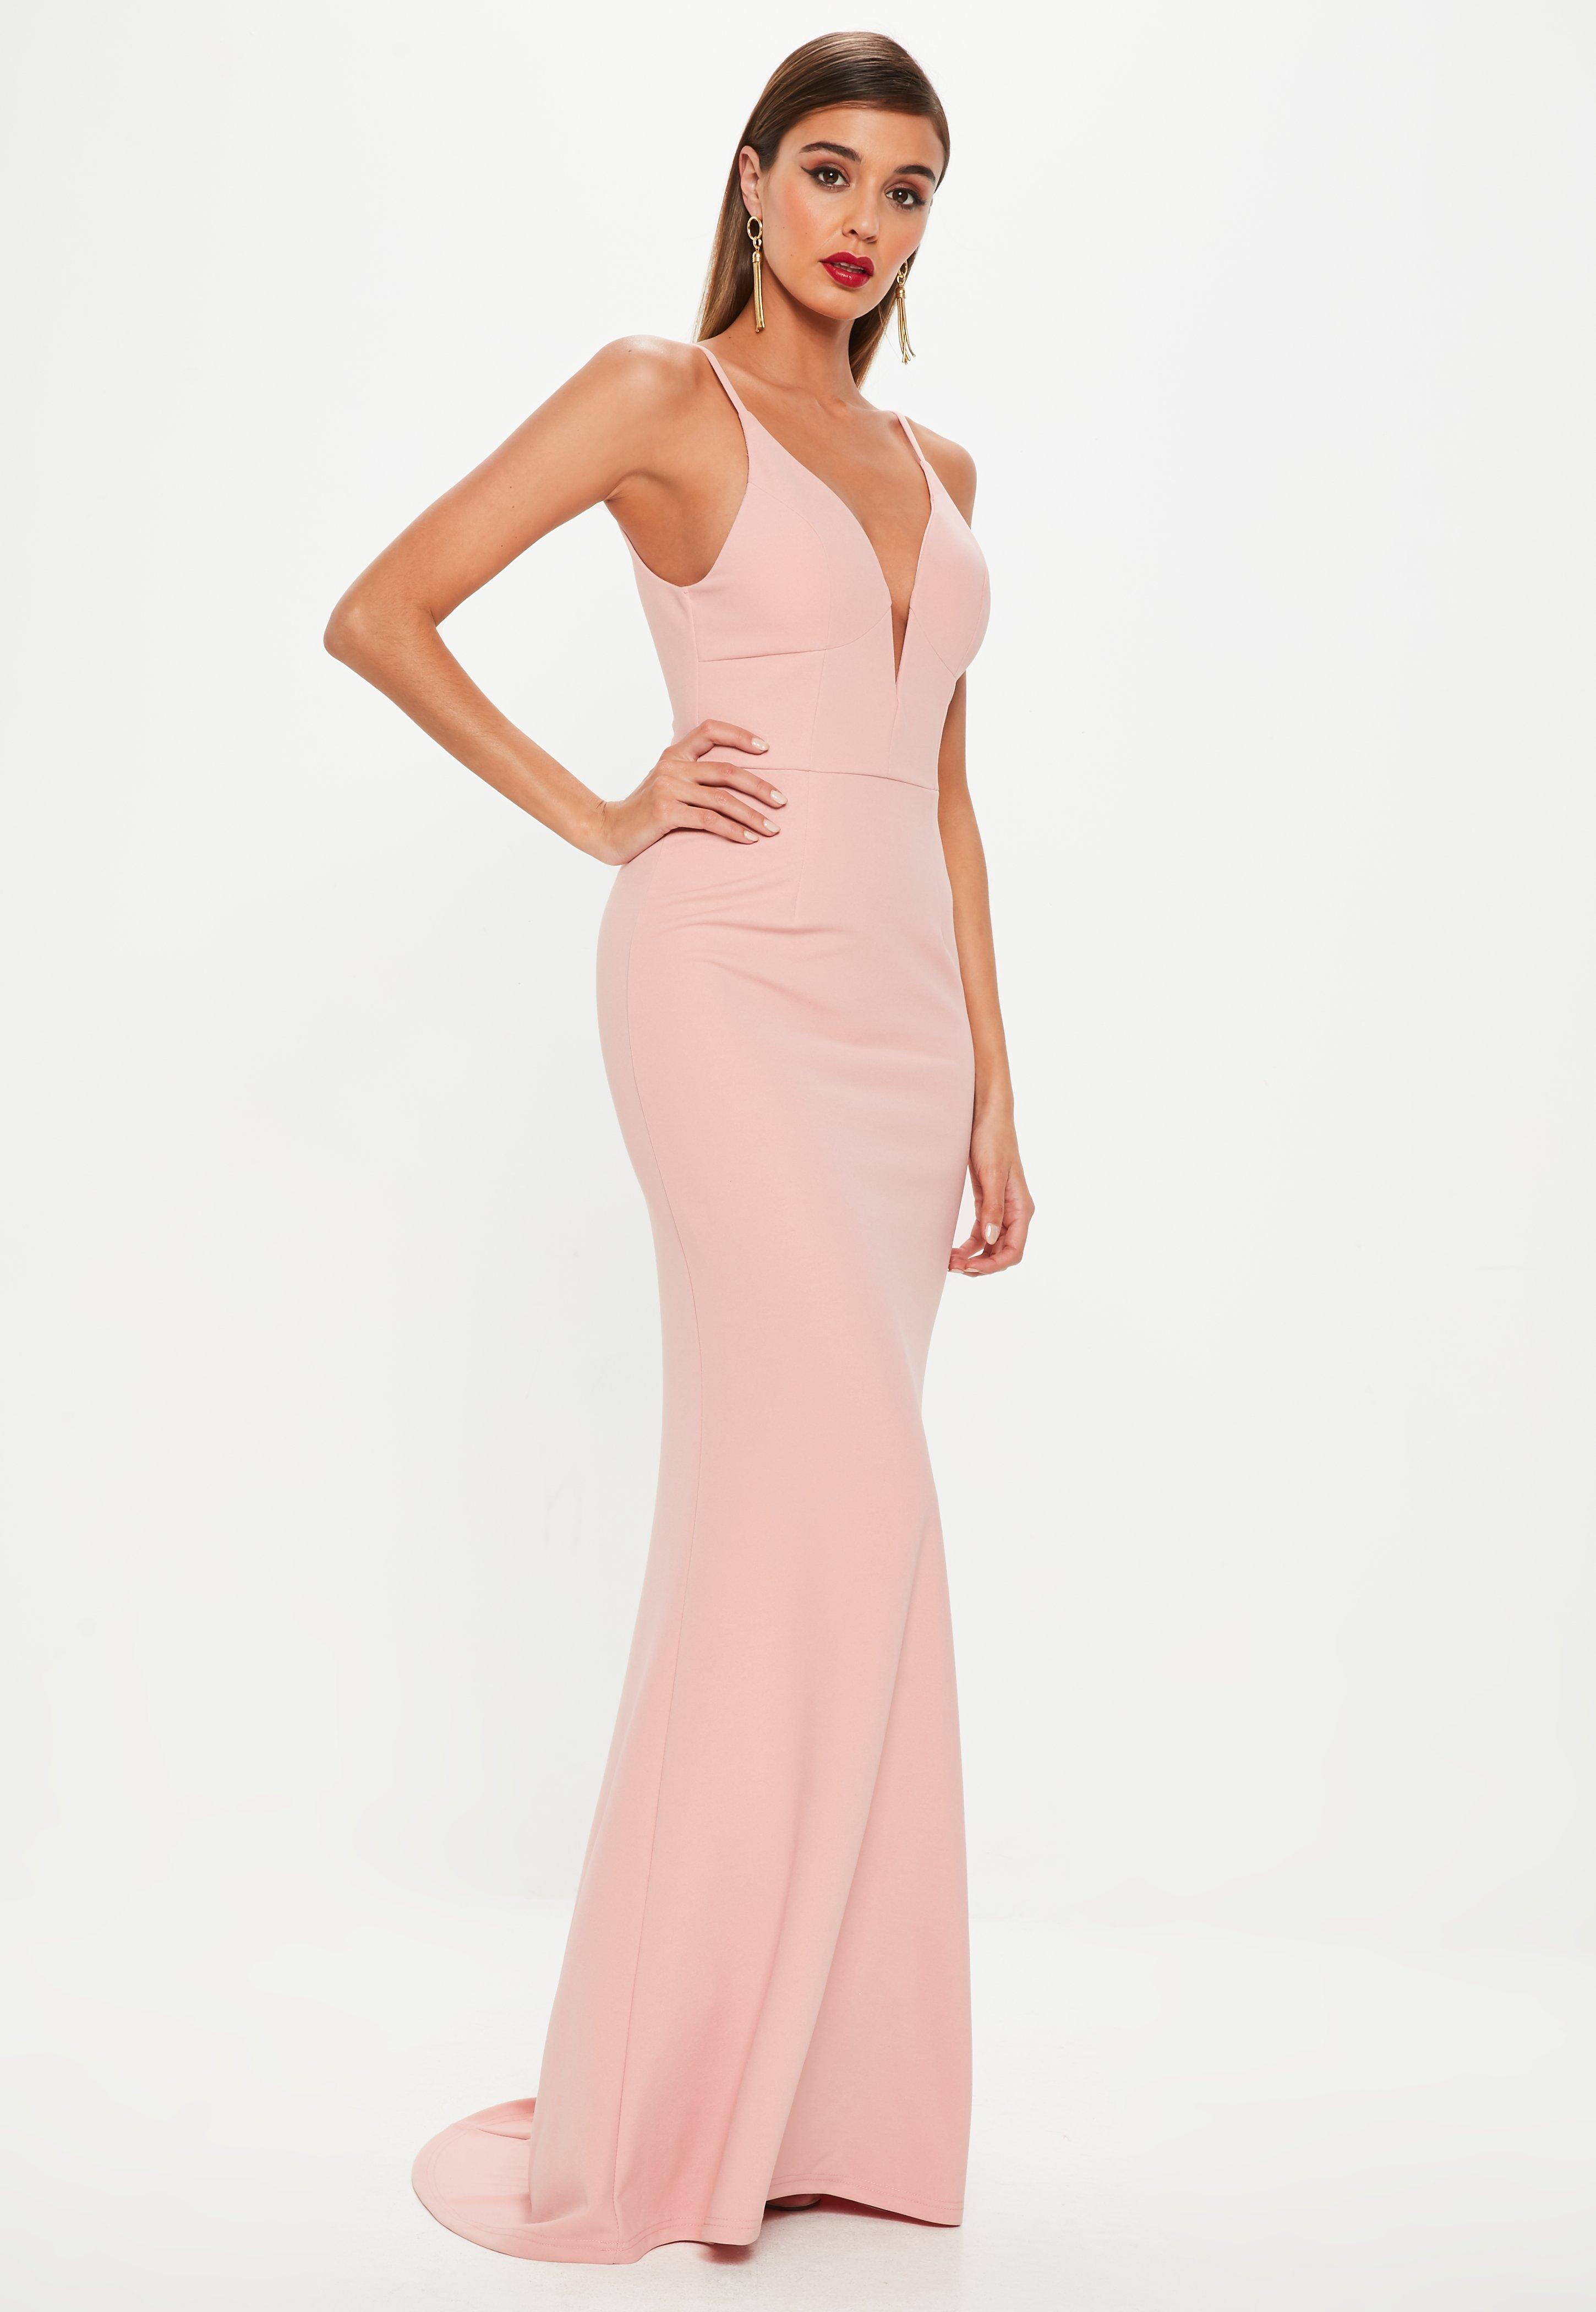 Vestido largo con escote en v con cola de sirena en rosa | Missguided